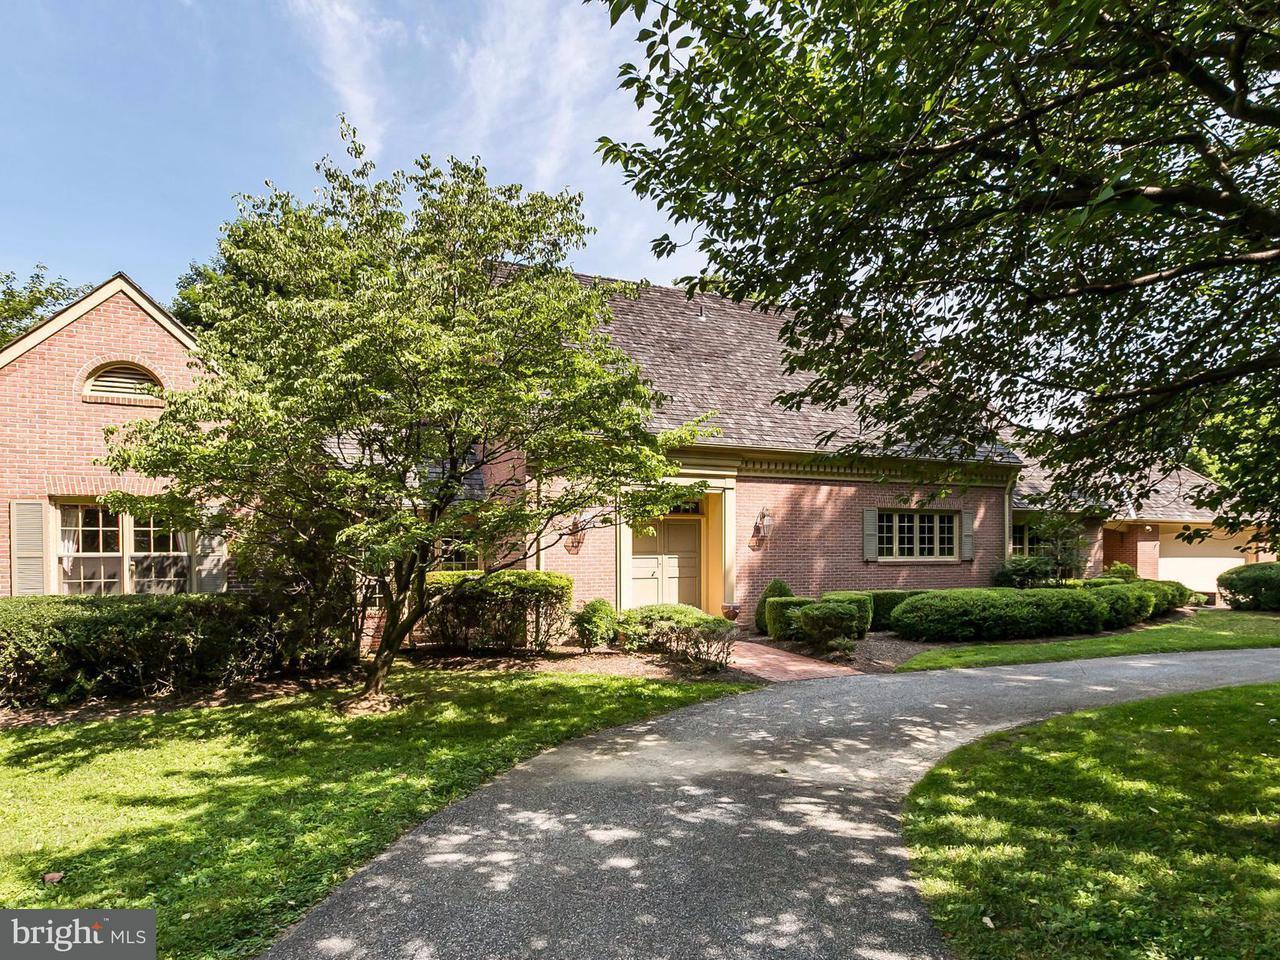 一戸建て のために 売買 アット 4813 LONG GREEN Road 4813 LONG GREEN Road Hydes, メリーランド 21082 アメリカ合衆国